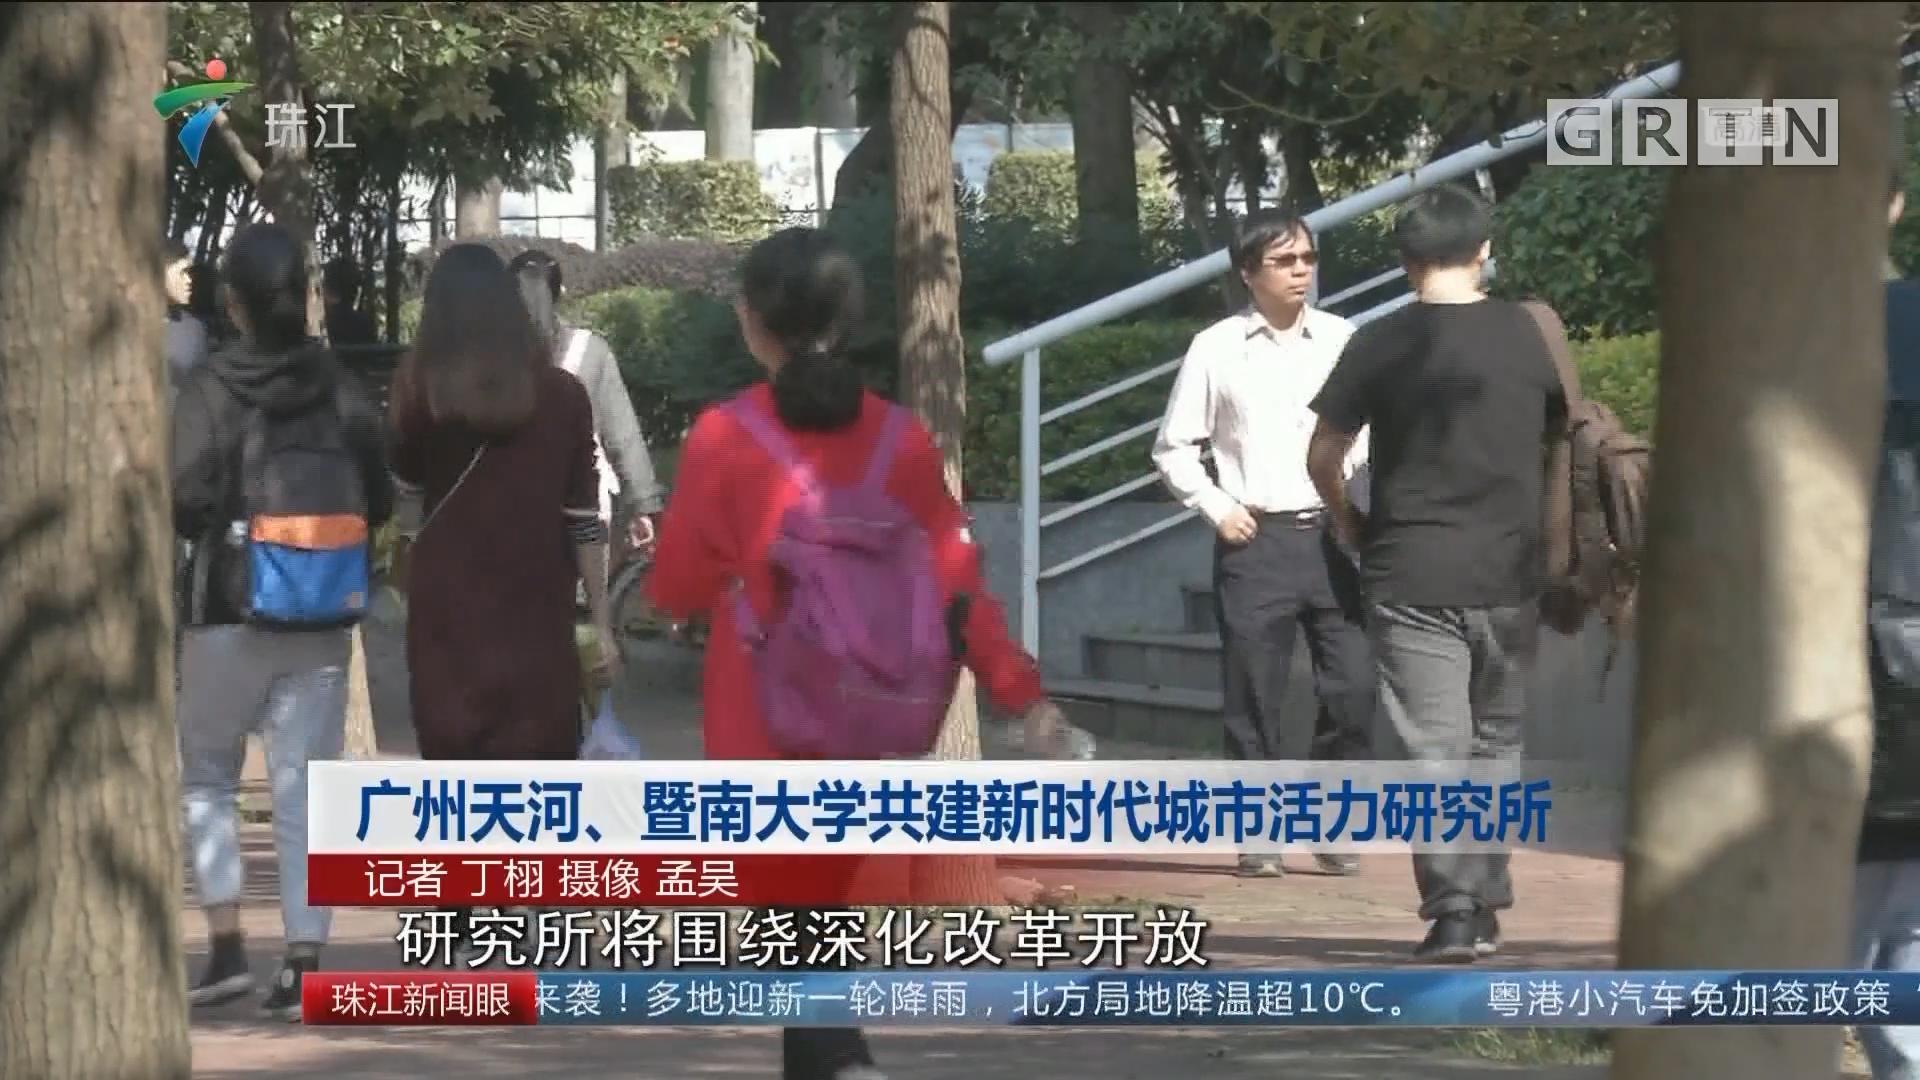 广州天河、暨南大学共建新时代城市活力研究所